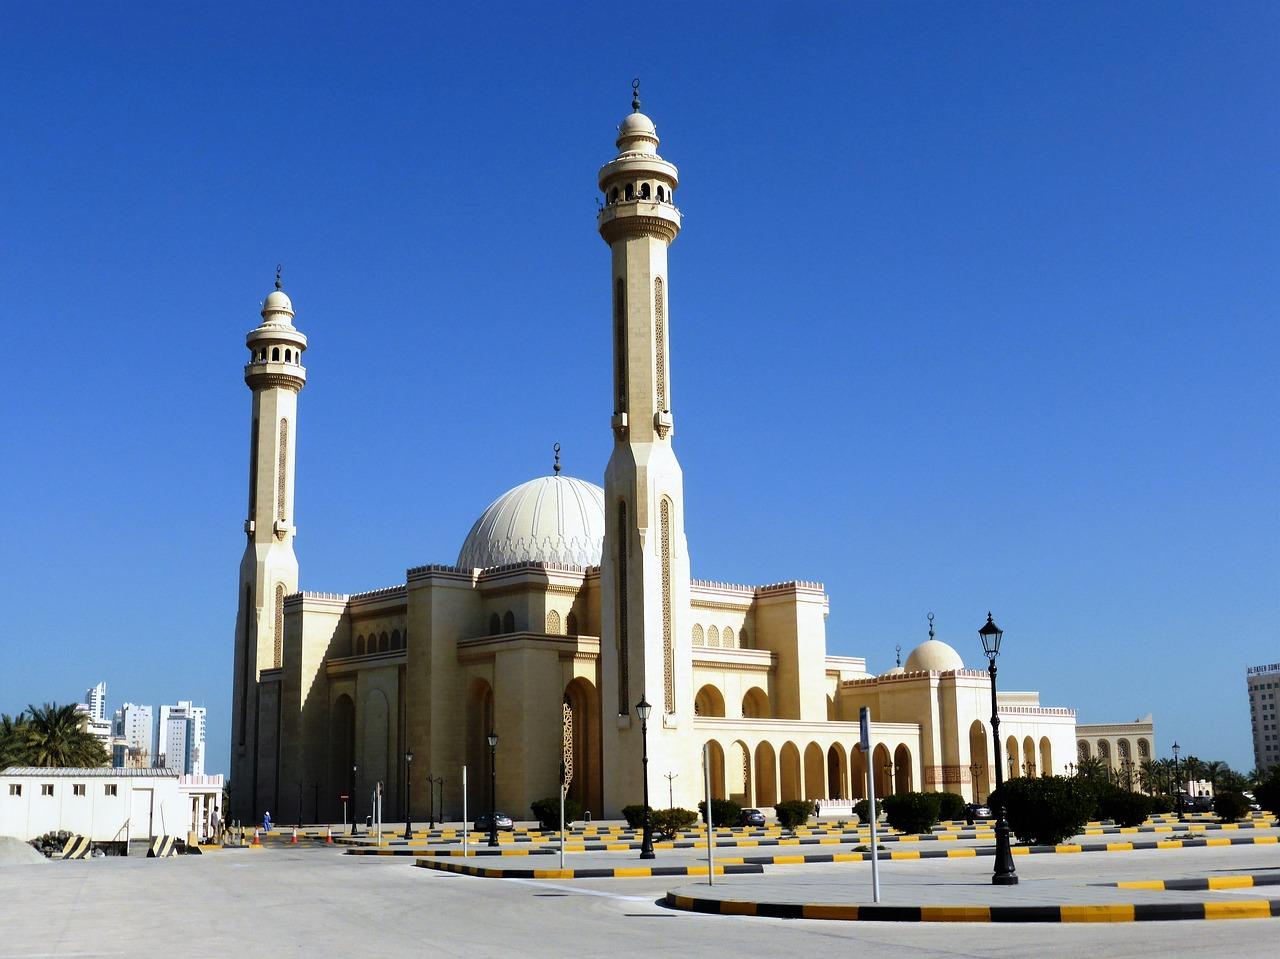 2022年 2/29 杜拜阿聯酋遊輪10天 03/05(四) 歡樂海上遊 AT SEA 《遊輪上主辨同樂會》